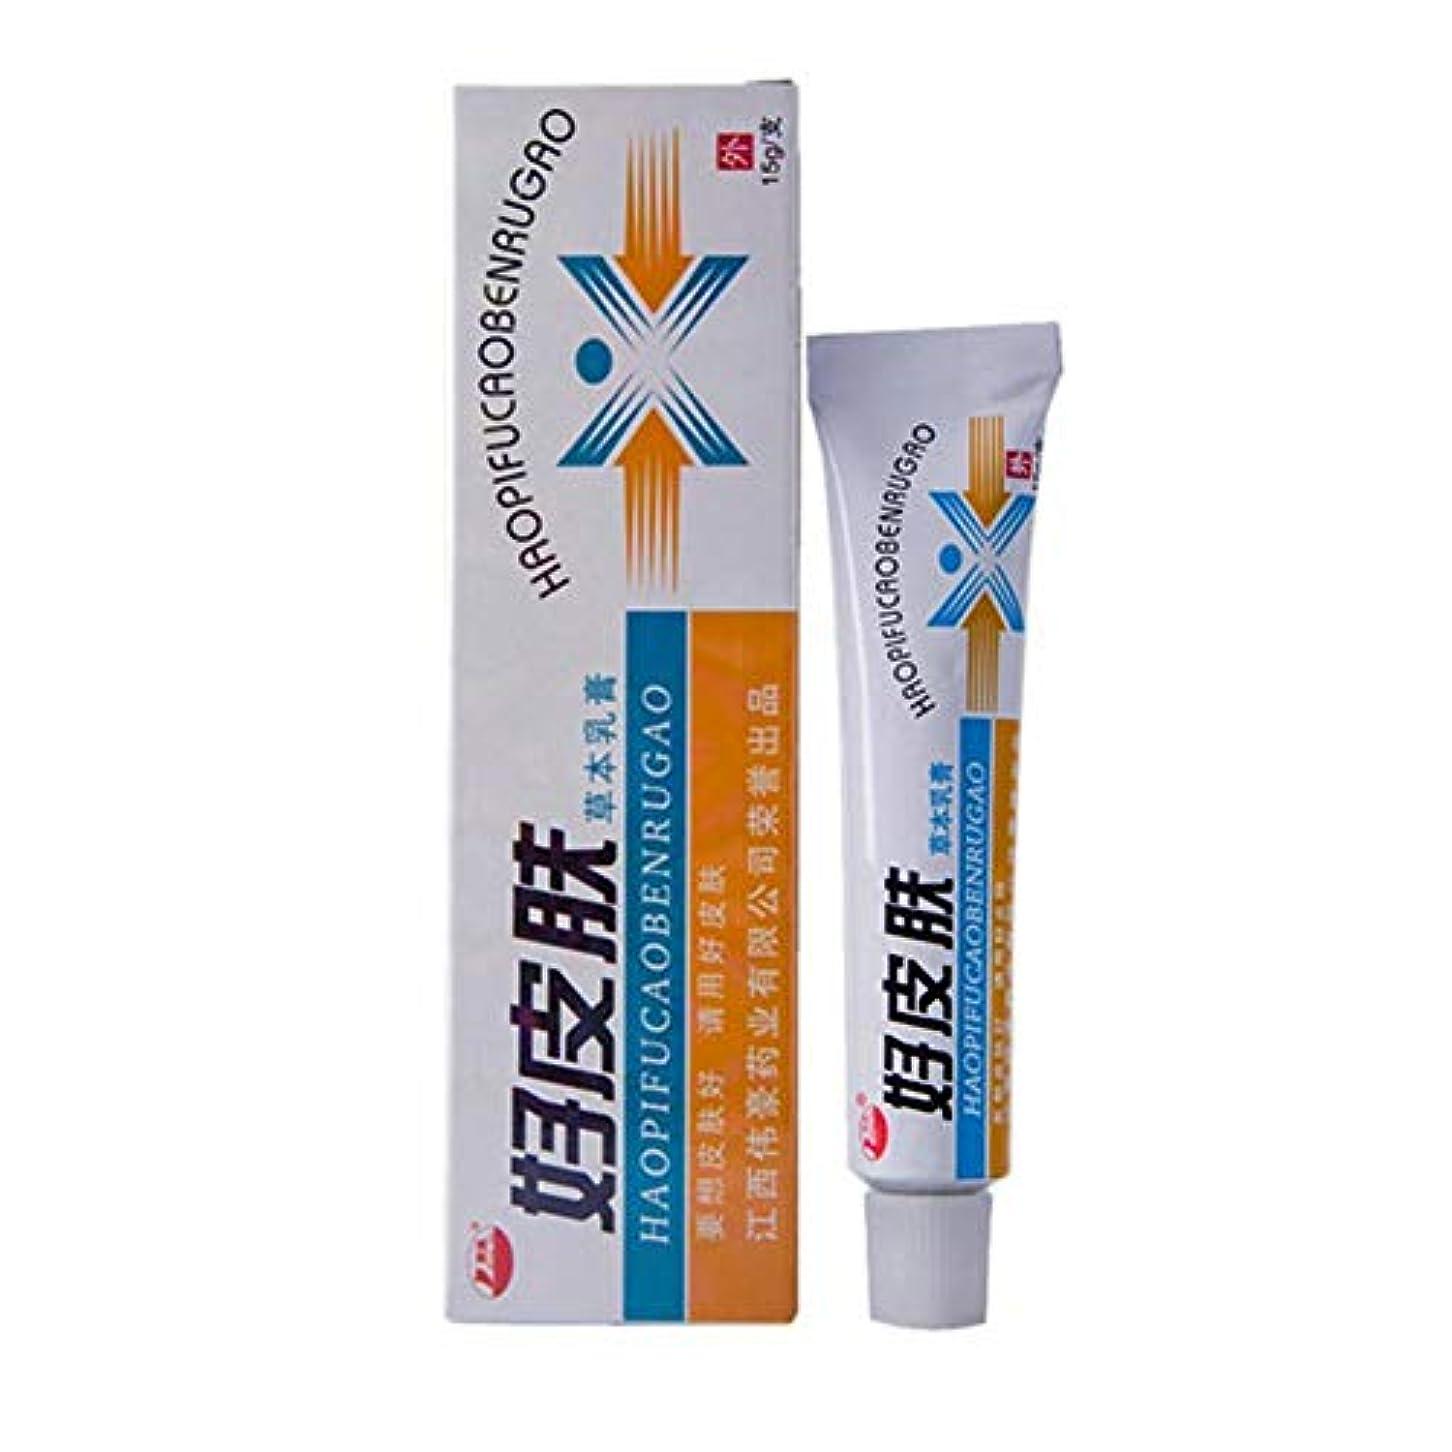 抜け目のないウェイトレスエミュレートするBETTER YOU (ベター ュー) メンズ用 草本クリーム 細菌を抑える 痒いを和らげる 1個入れ